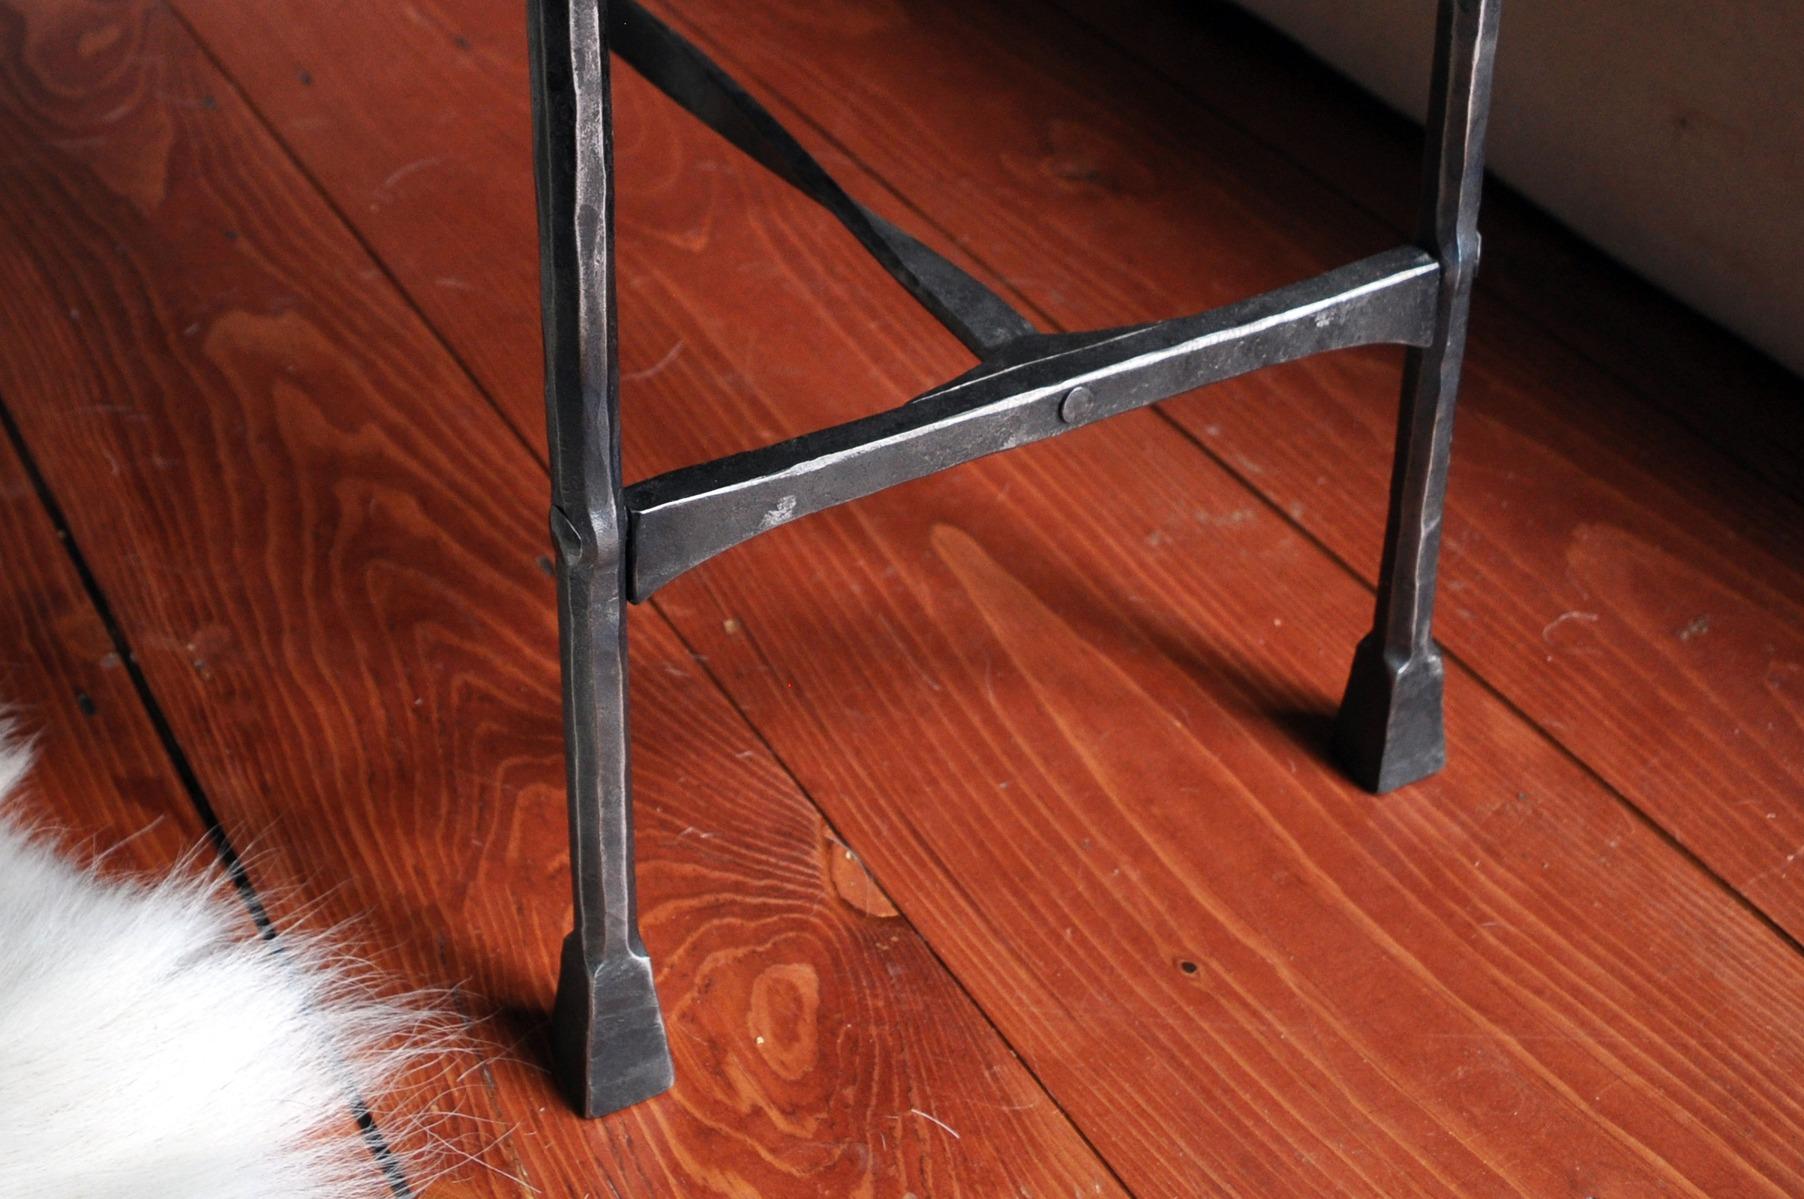 Eric Dennis Ironwork Blacksmithing Rivet Joinery Table legs